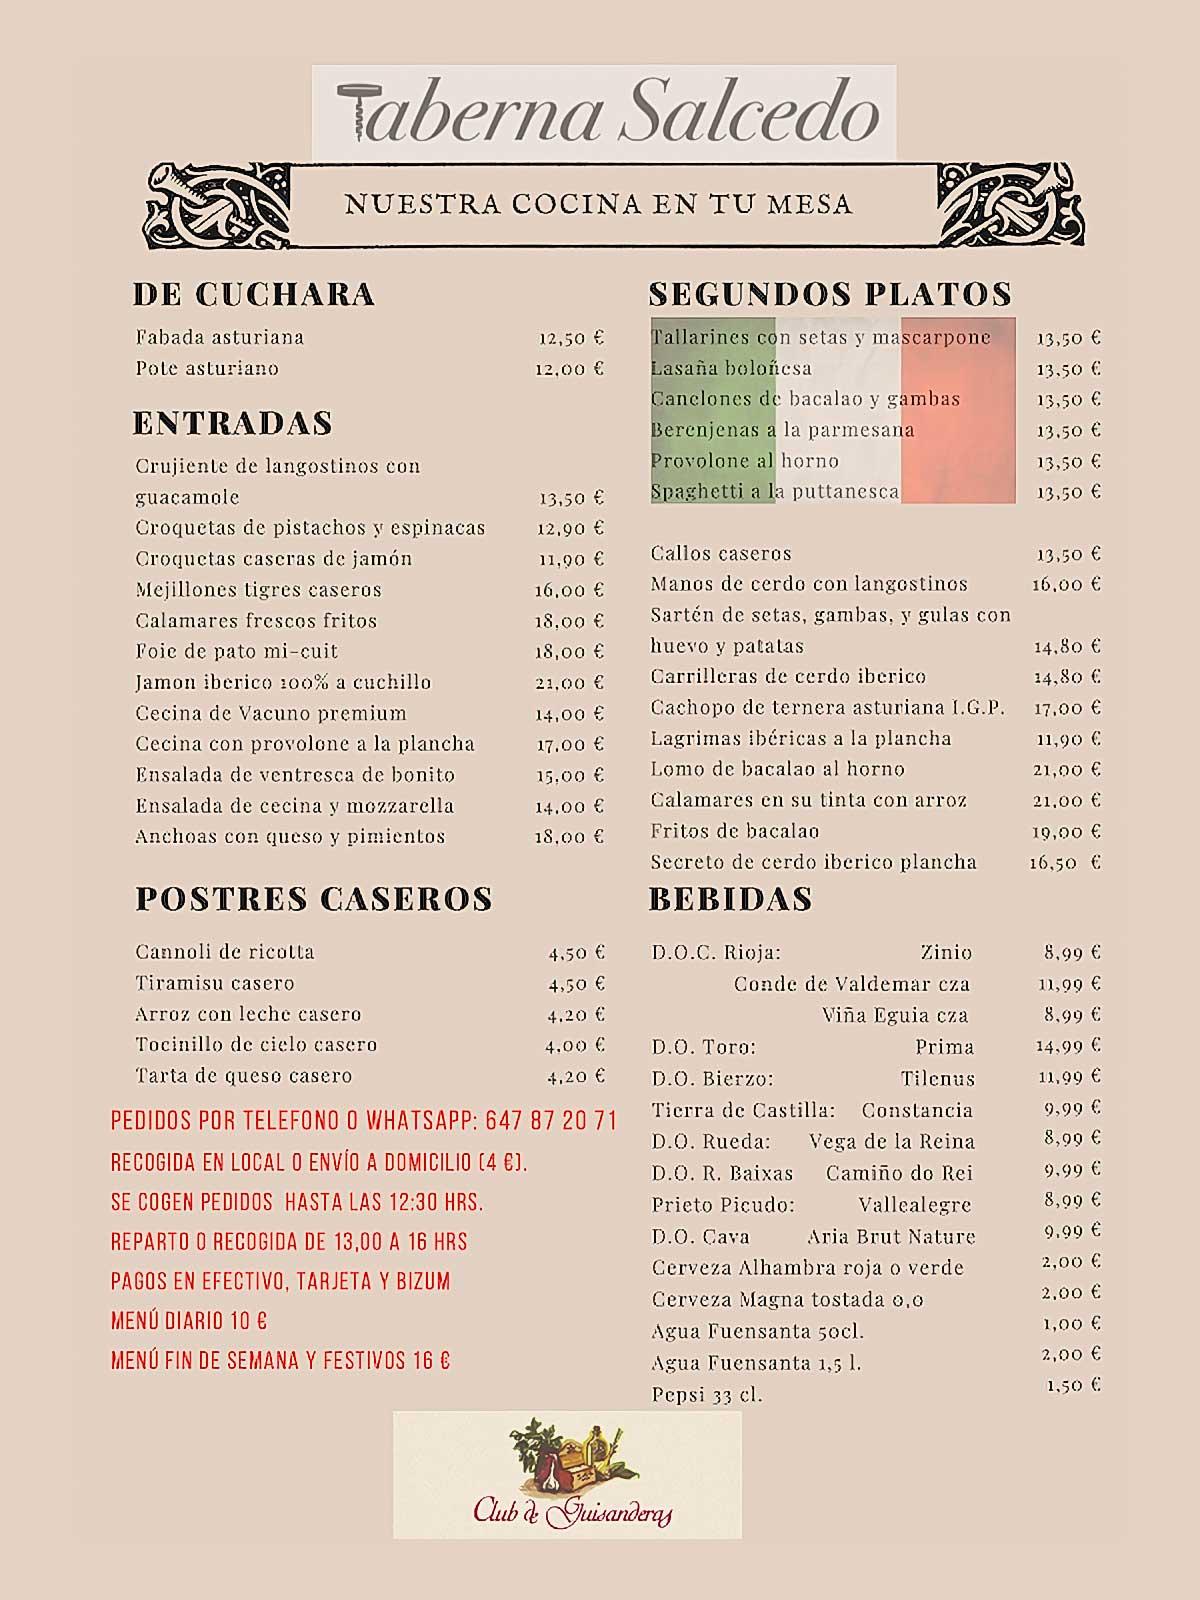 nuestra_cocina_en_tu_mesa-2021-03-20